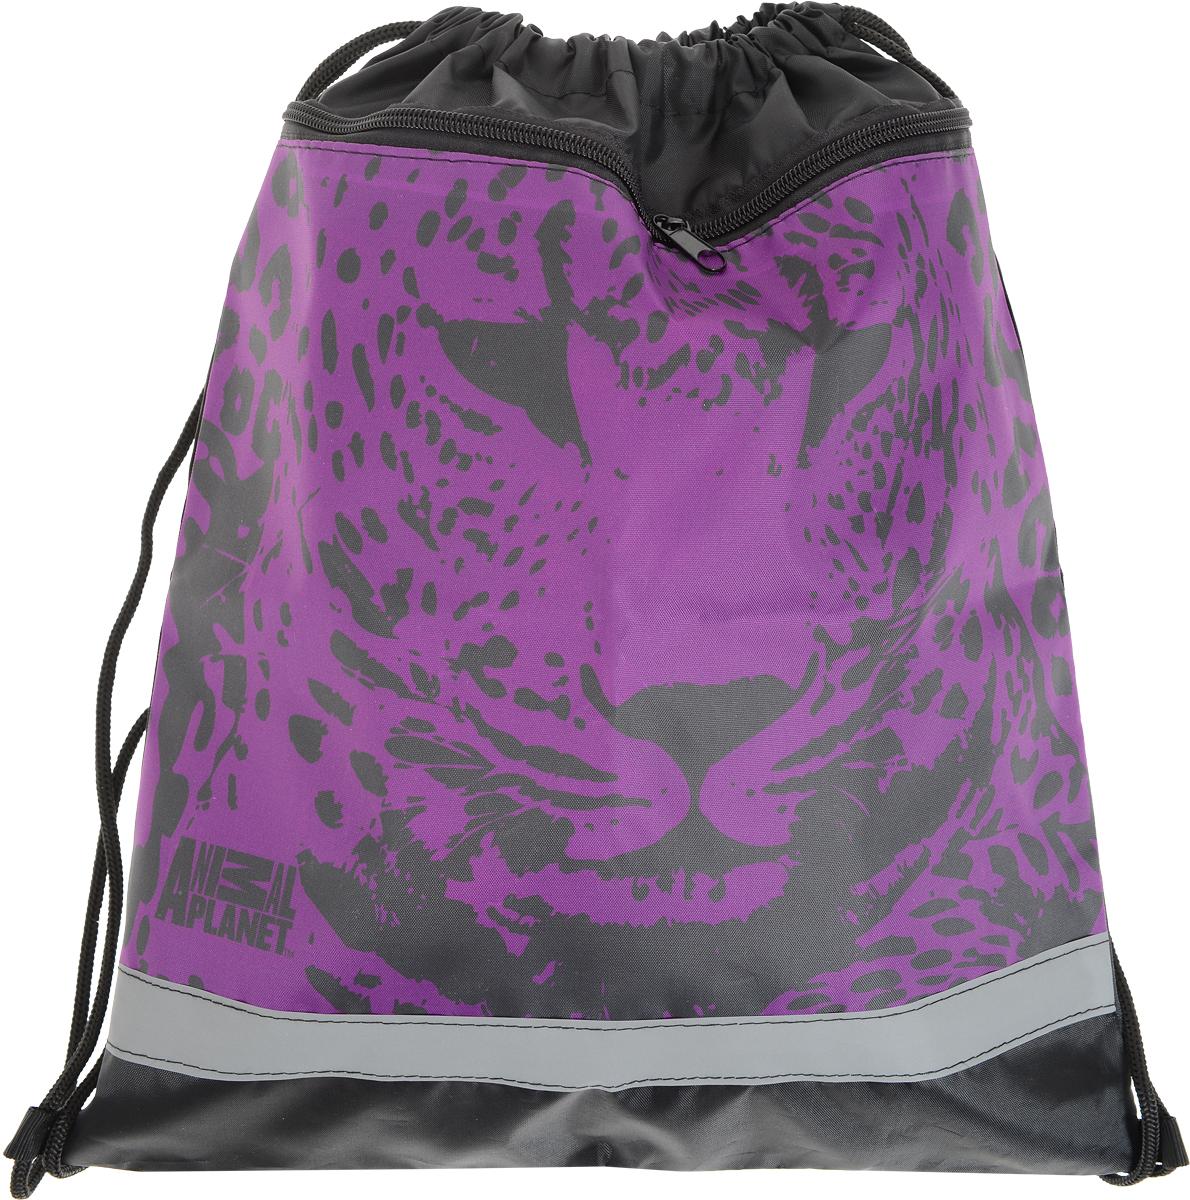 Action! Мешок для сменной обуви Animal Planet цвет черный фиолетовый